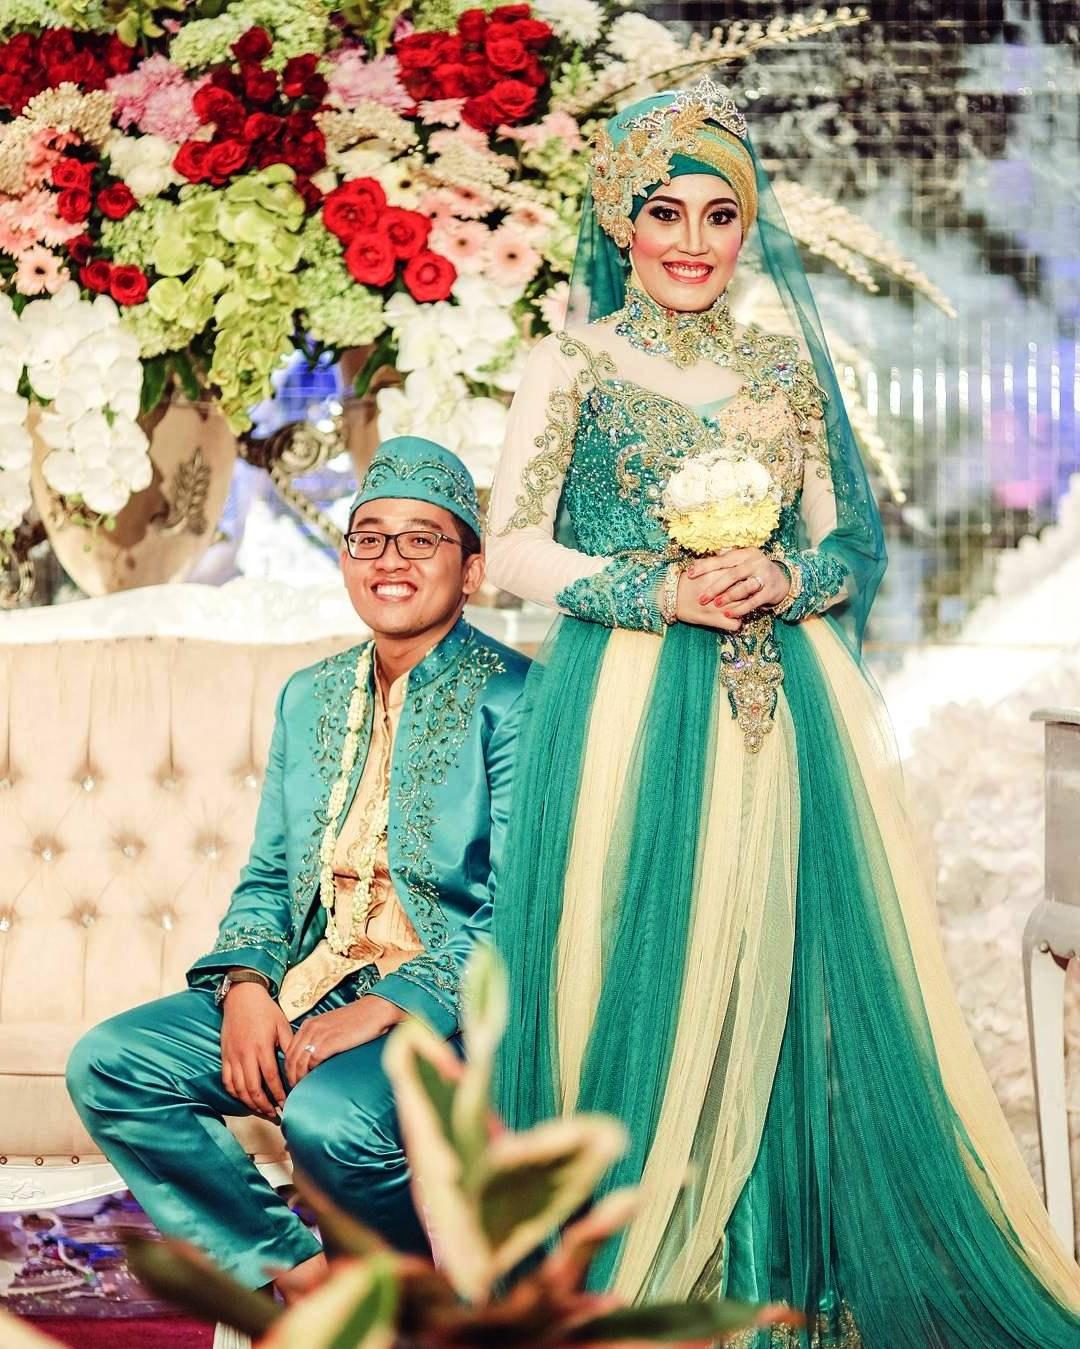 Ide Baju Pengantin Muslimah Jawa Syar'i Budm Desain Elegan Dan Cantik Trend Warna Baju Pengantin 2018